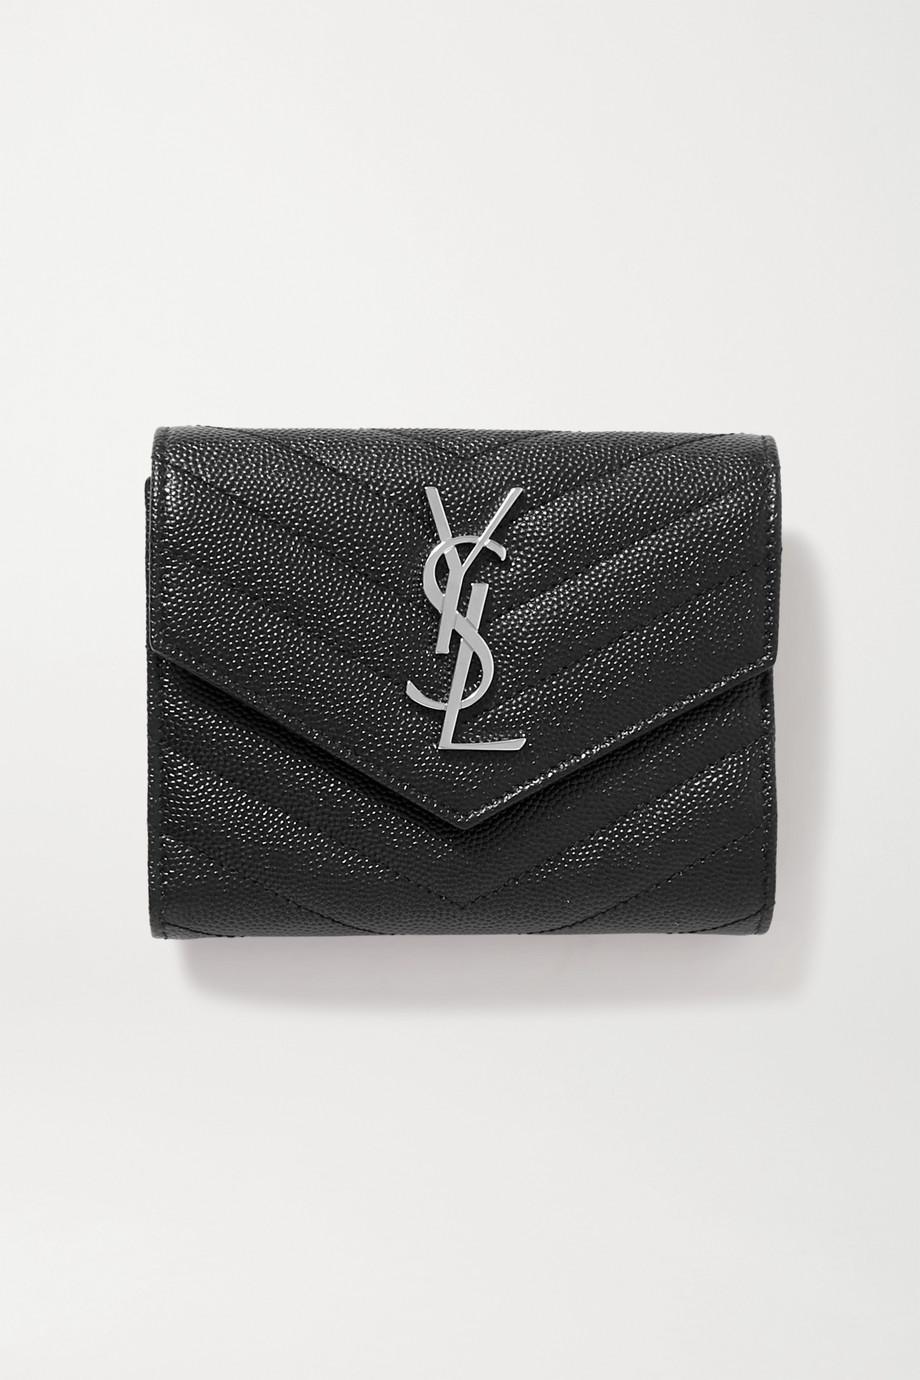 생 로랑 모노그램 퀼팅 반지갑, 은장 - 블랙Saint Laurent Monogramme quilted textured-leather wallet